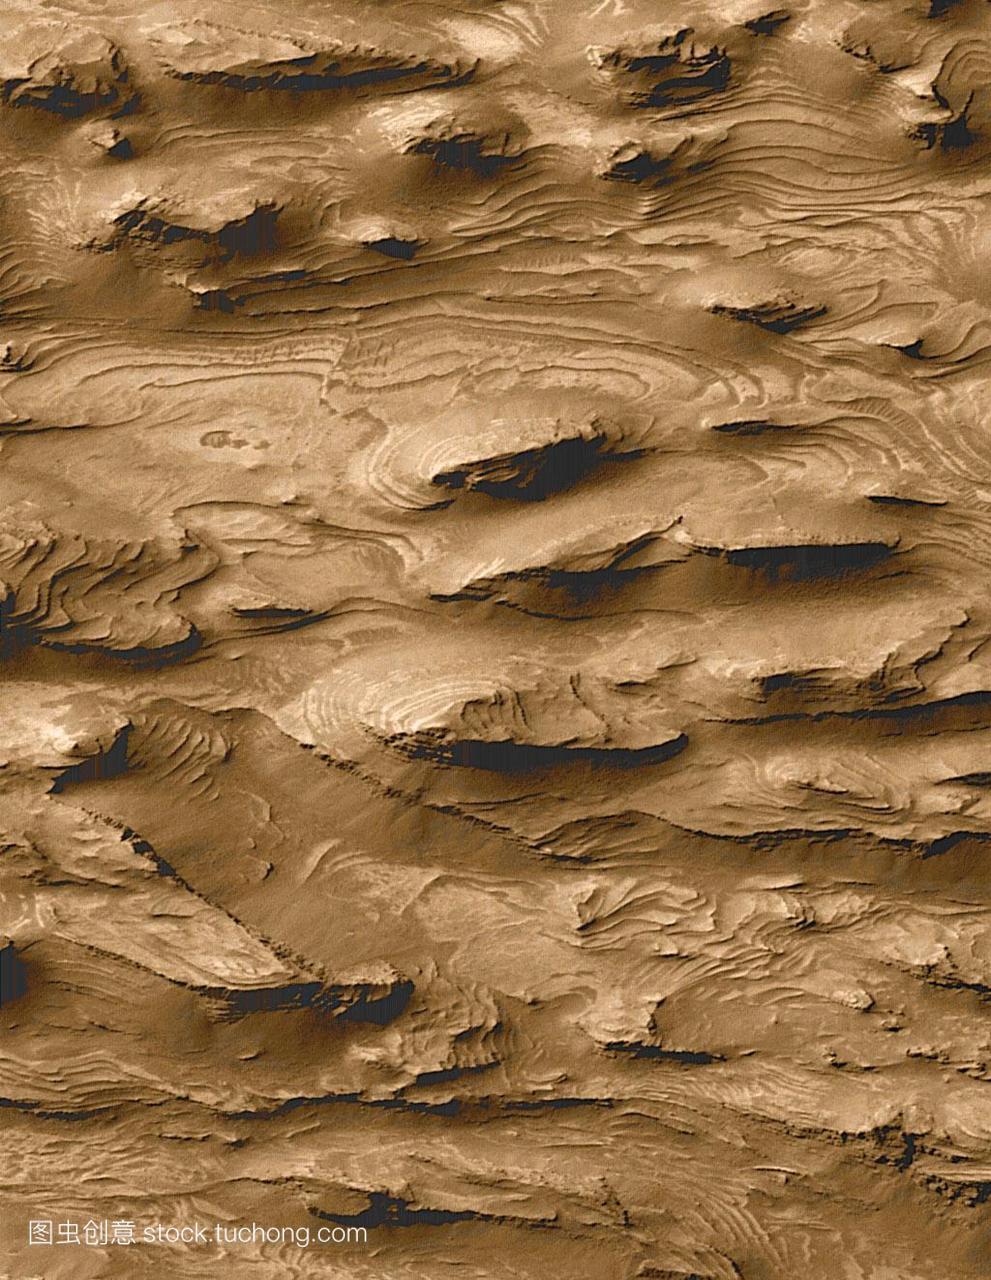 火星岩层沉积认为表面作文岩石的火星分层表明高中地形写一篇以后悔图片